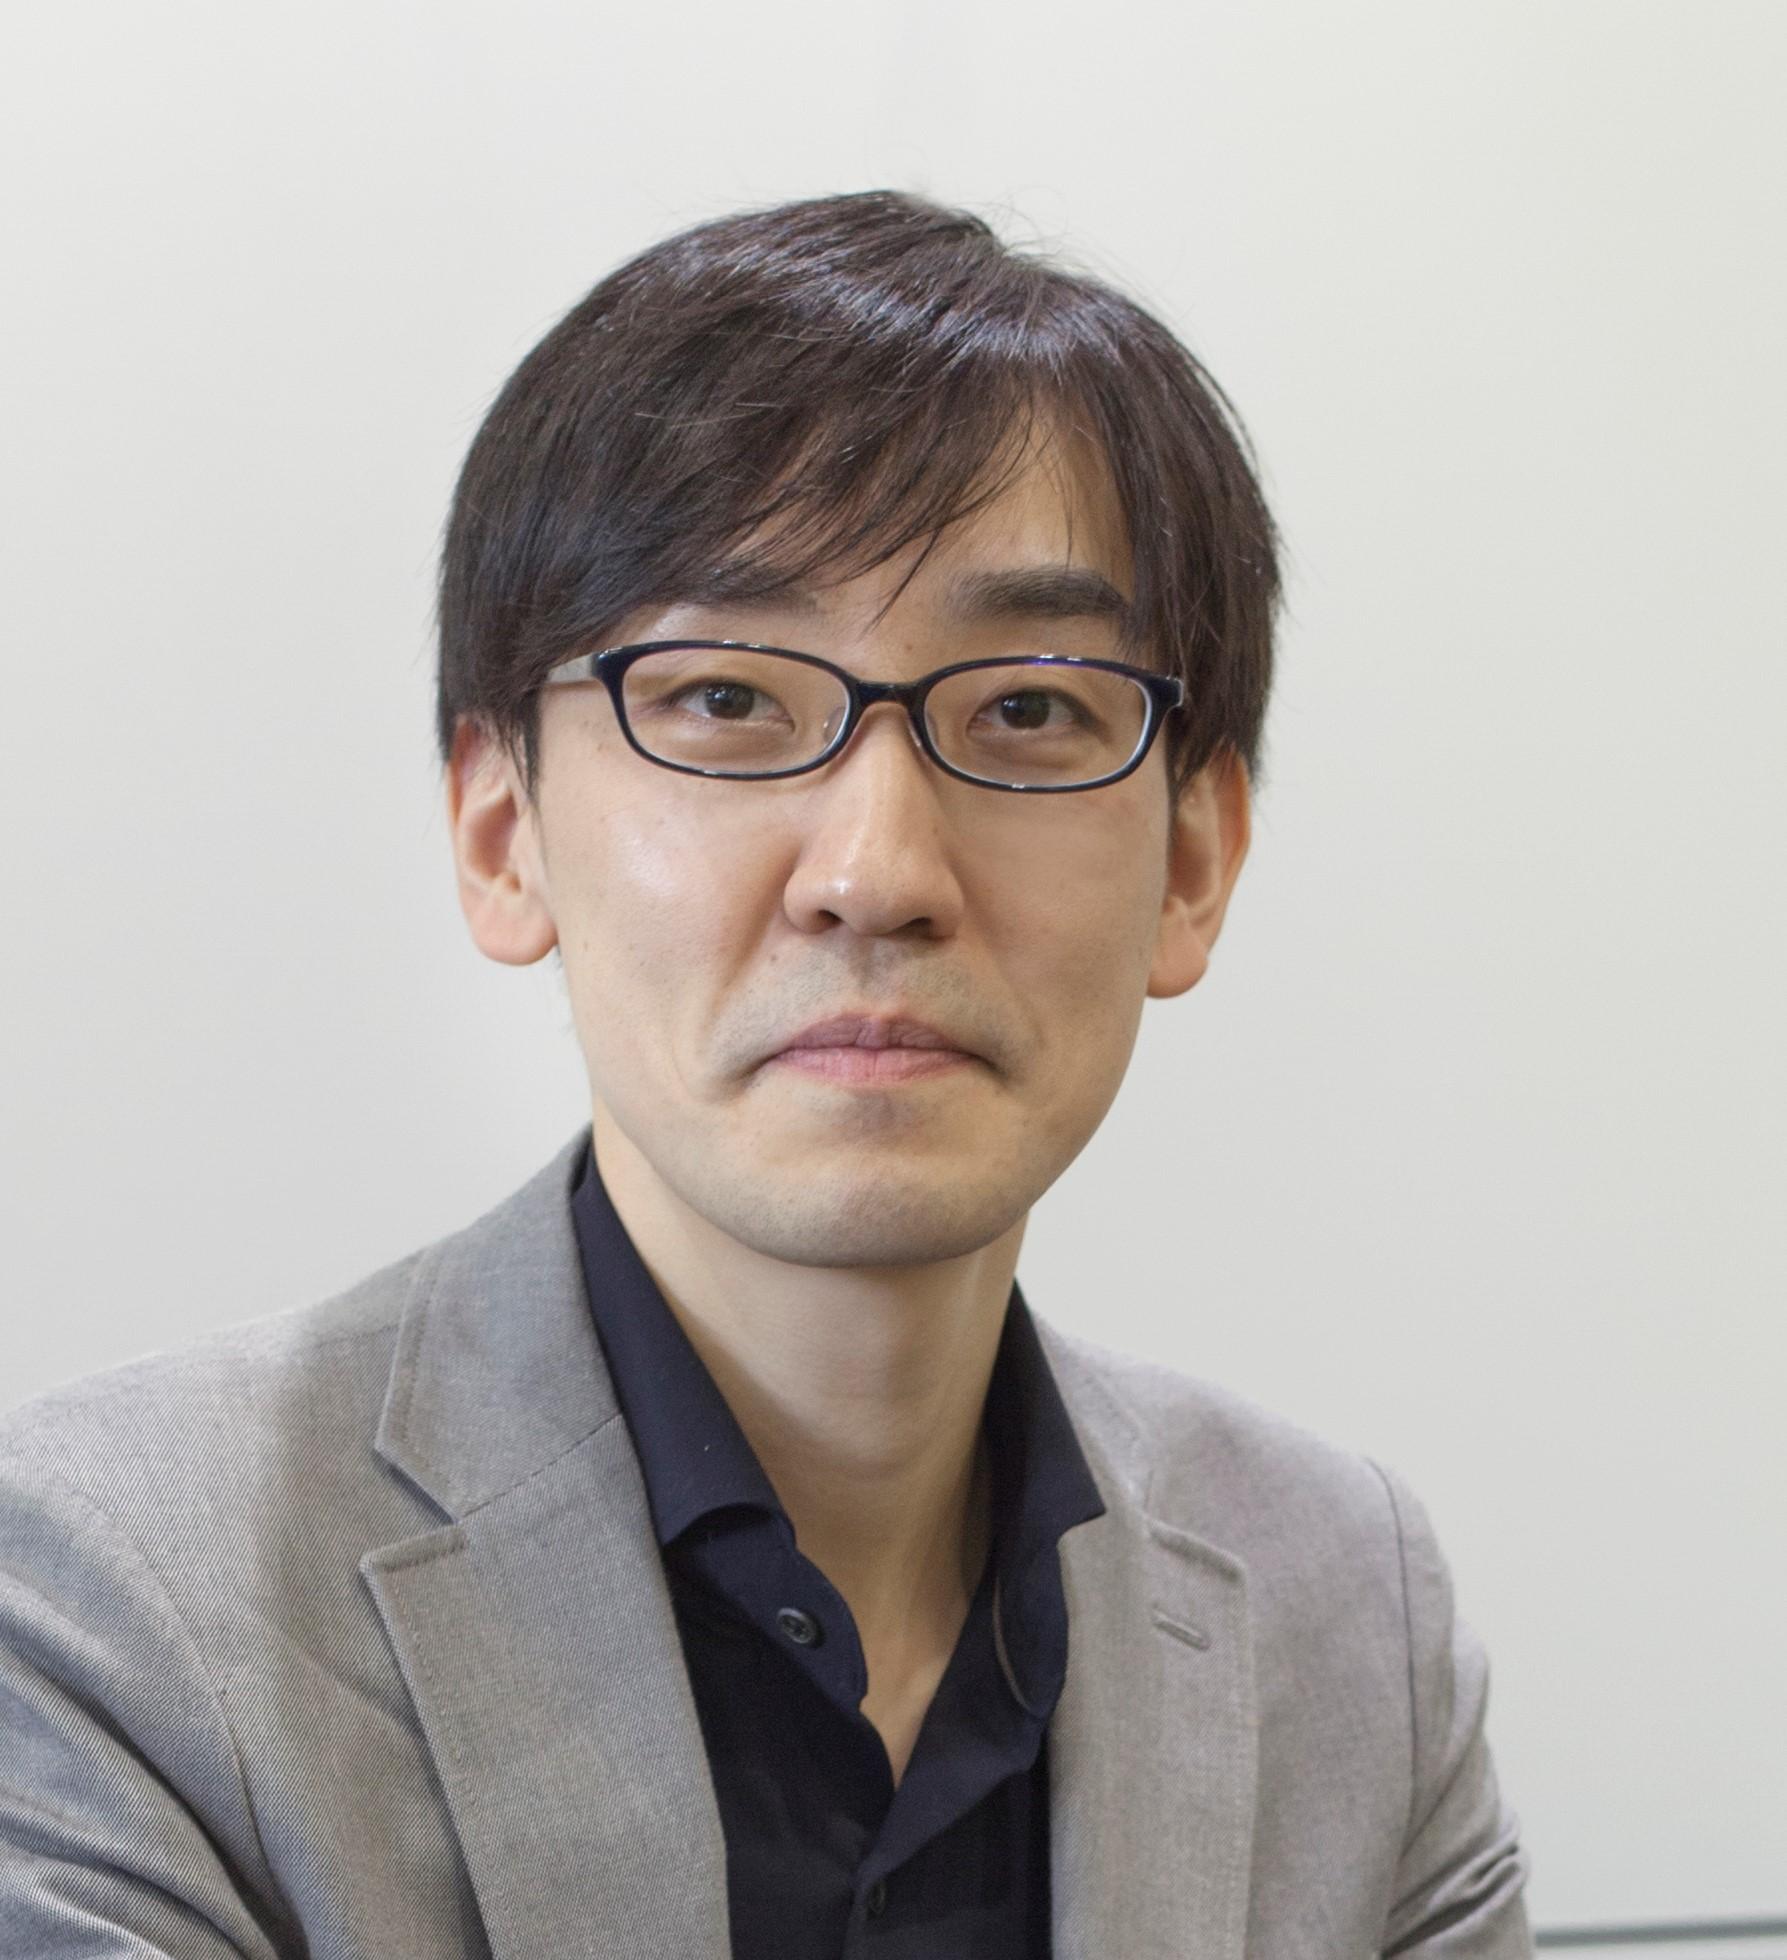 内定ブリッジ株式会社 代表取締役 淺海一郎